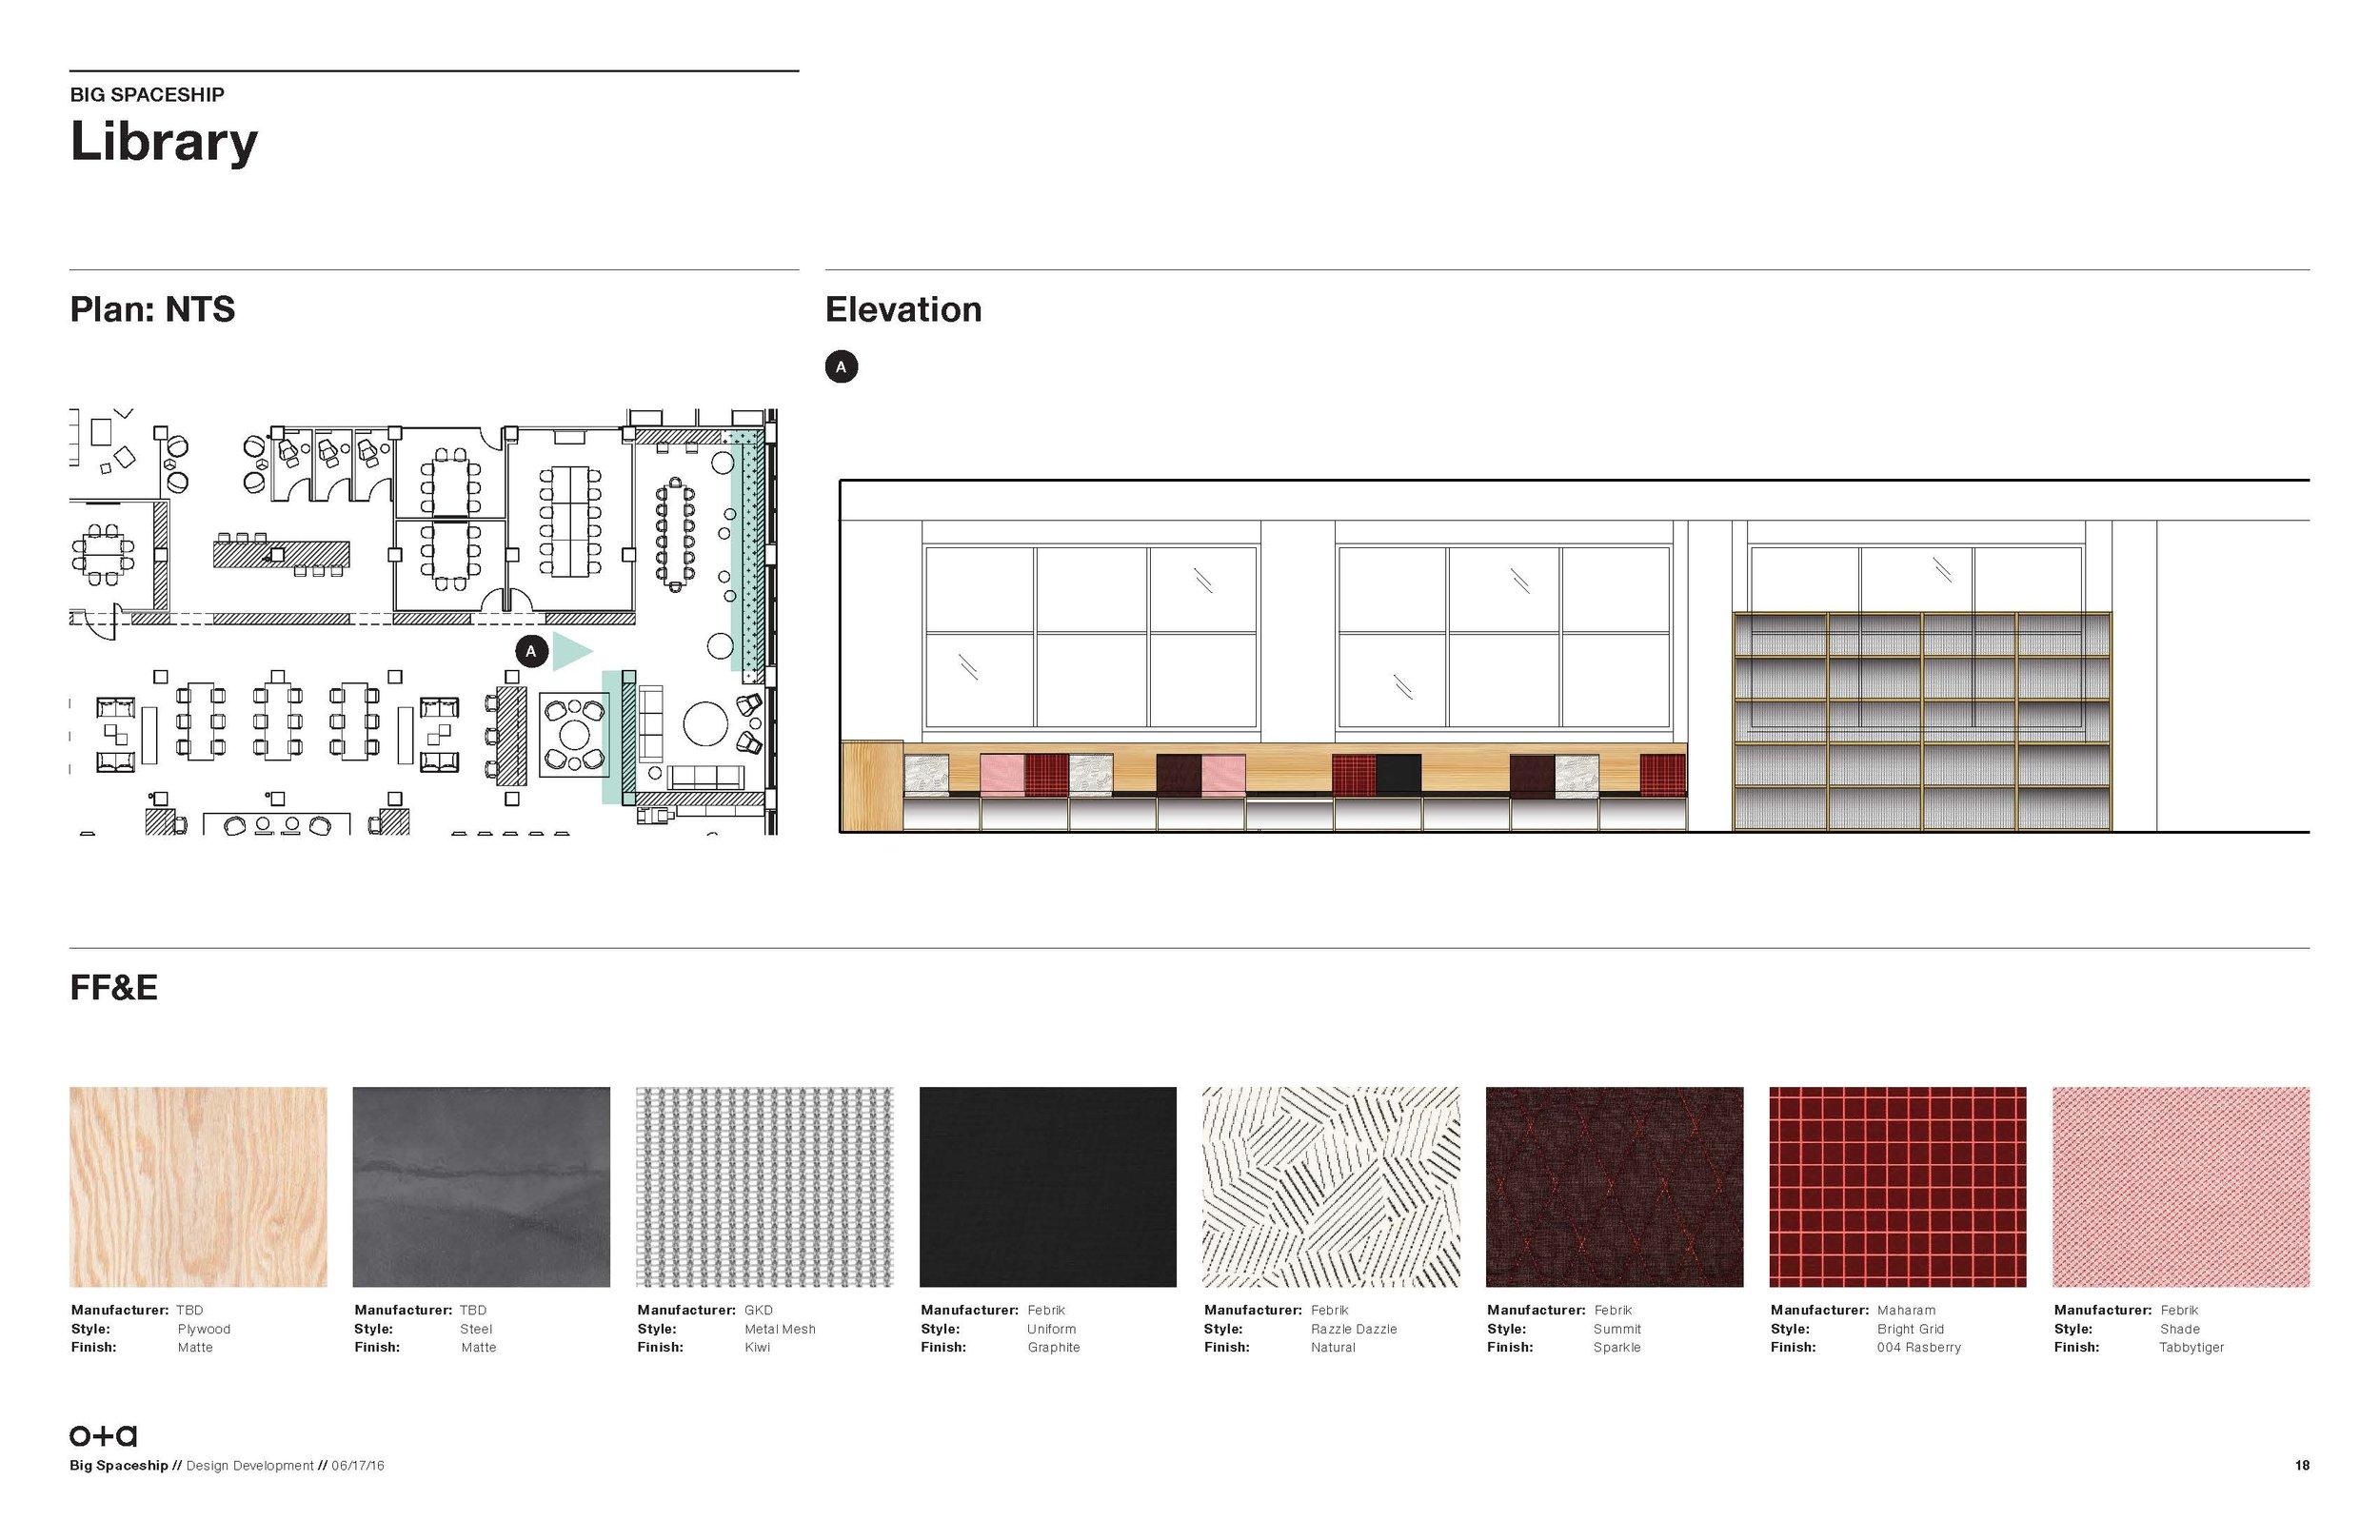 16_0617_BigSpaceship_DesignDevelopment_Page_18.jpg